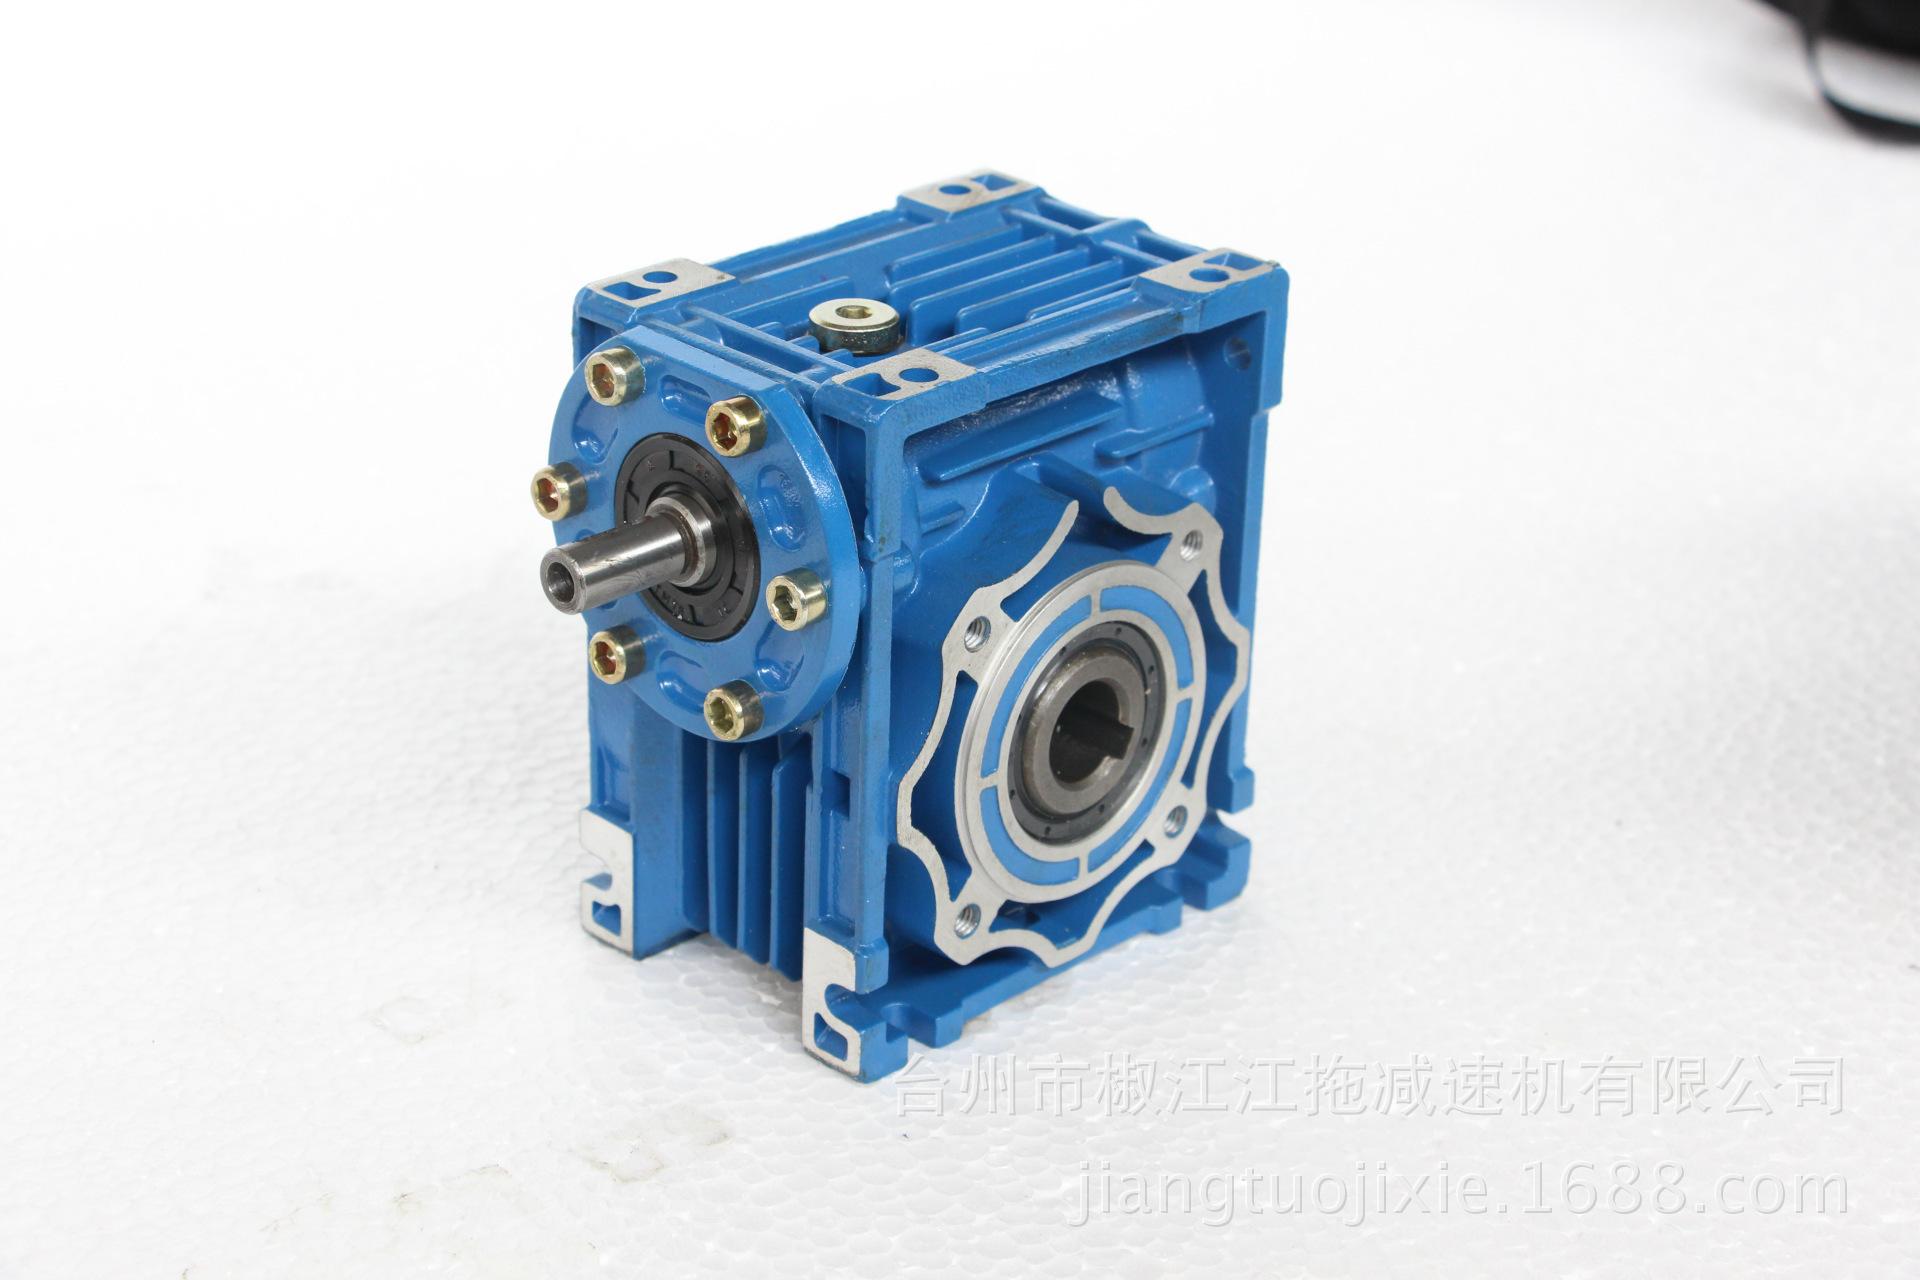 JIANGTUO Máy giảm tốc Cung cấp NRV050-E giảm giá nhà máy bán trực tiếp giá cả phải chăng và bền